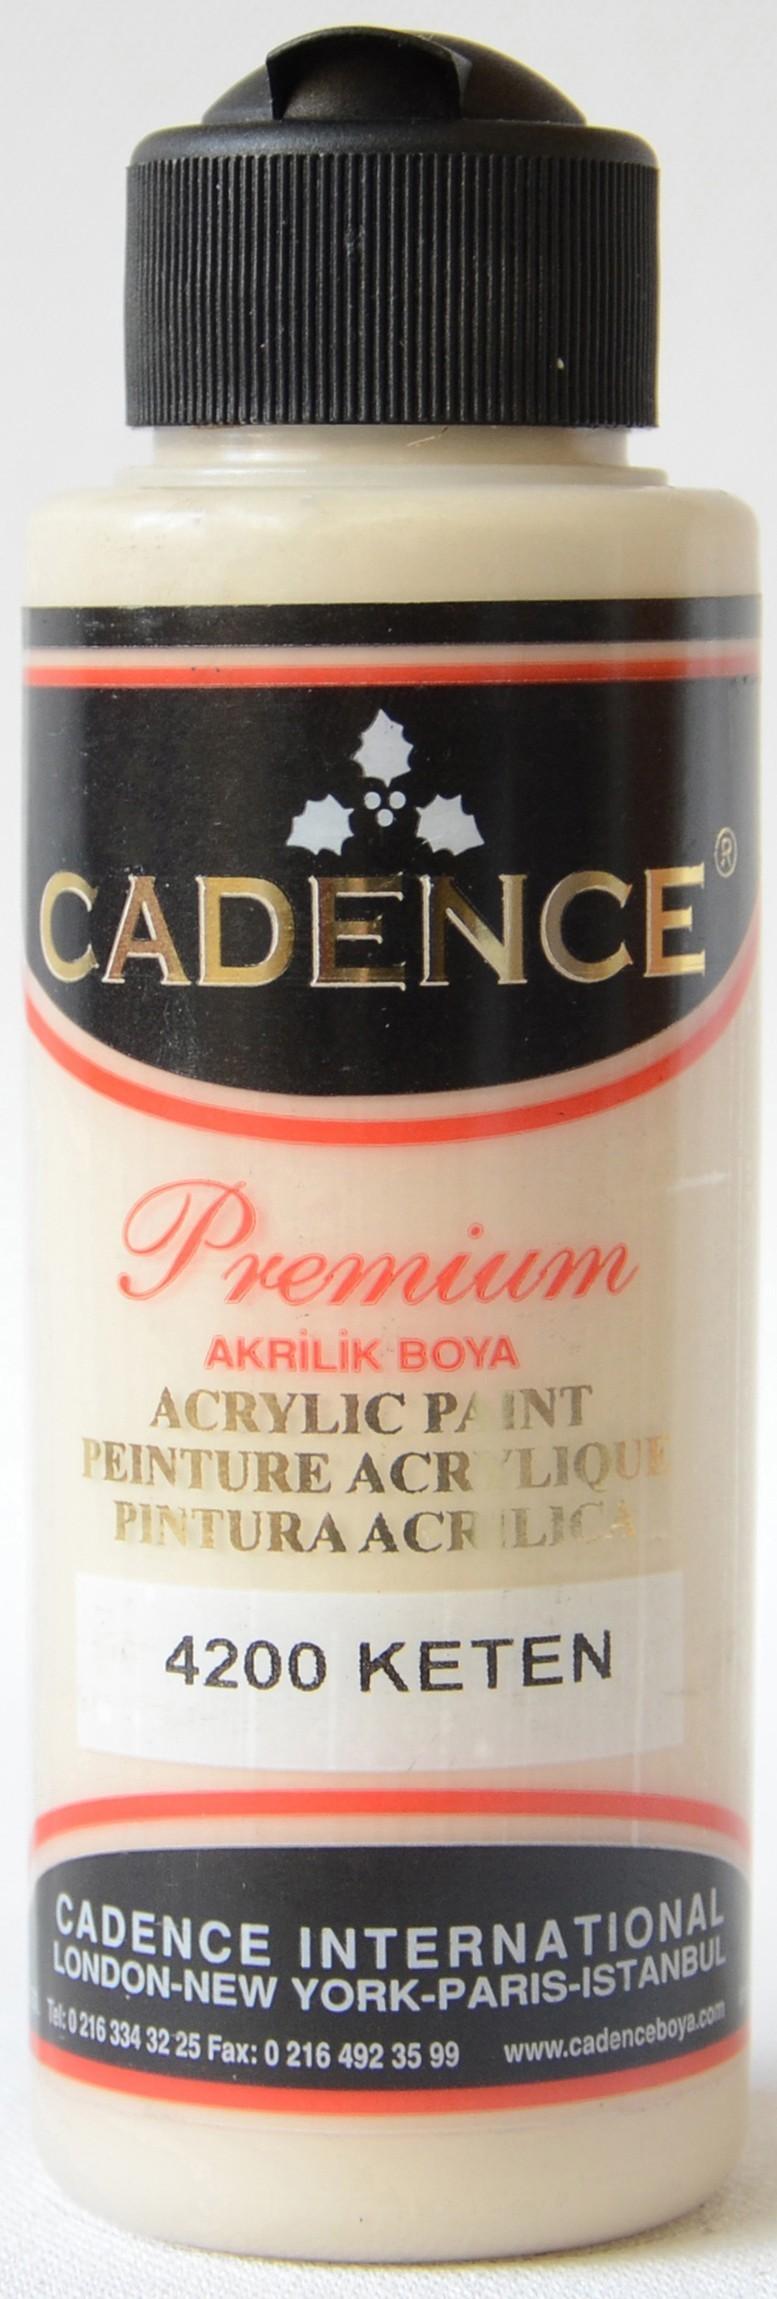 Cadence Akrilik Boya 120ML(cc) 4200 Keten fiyatları